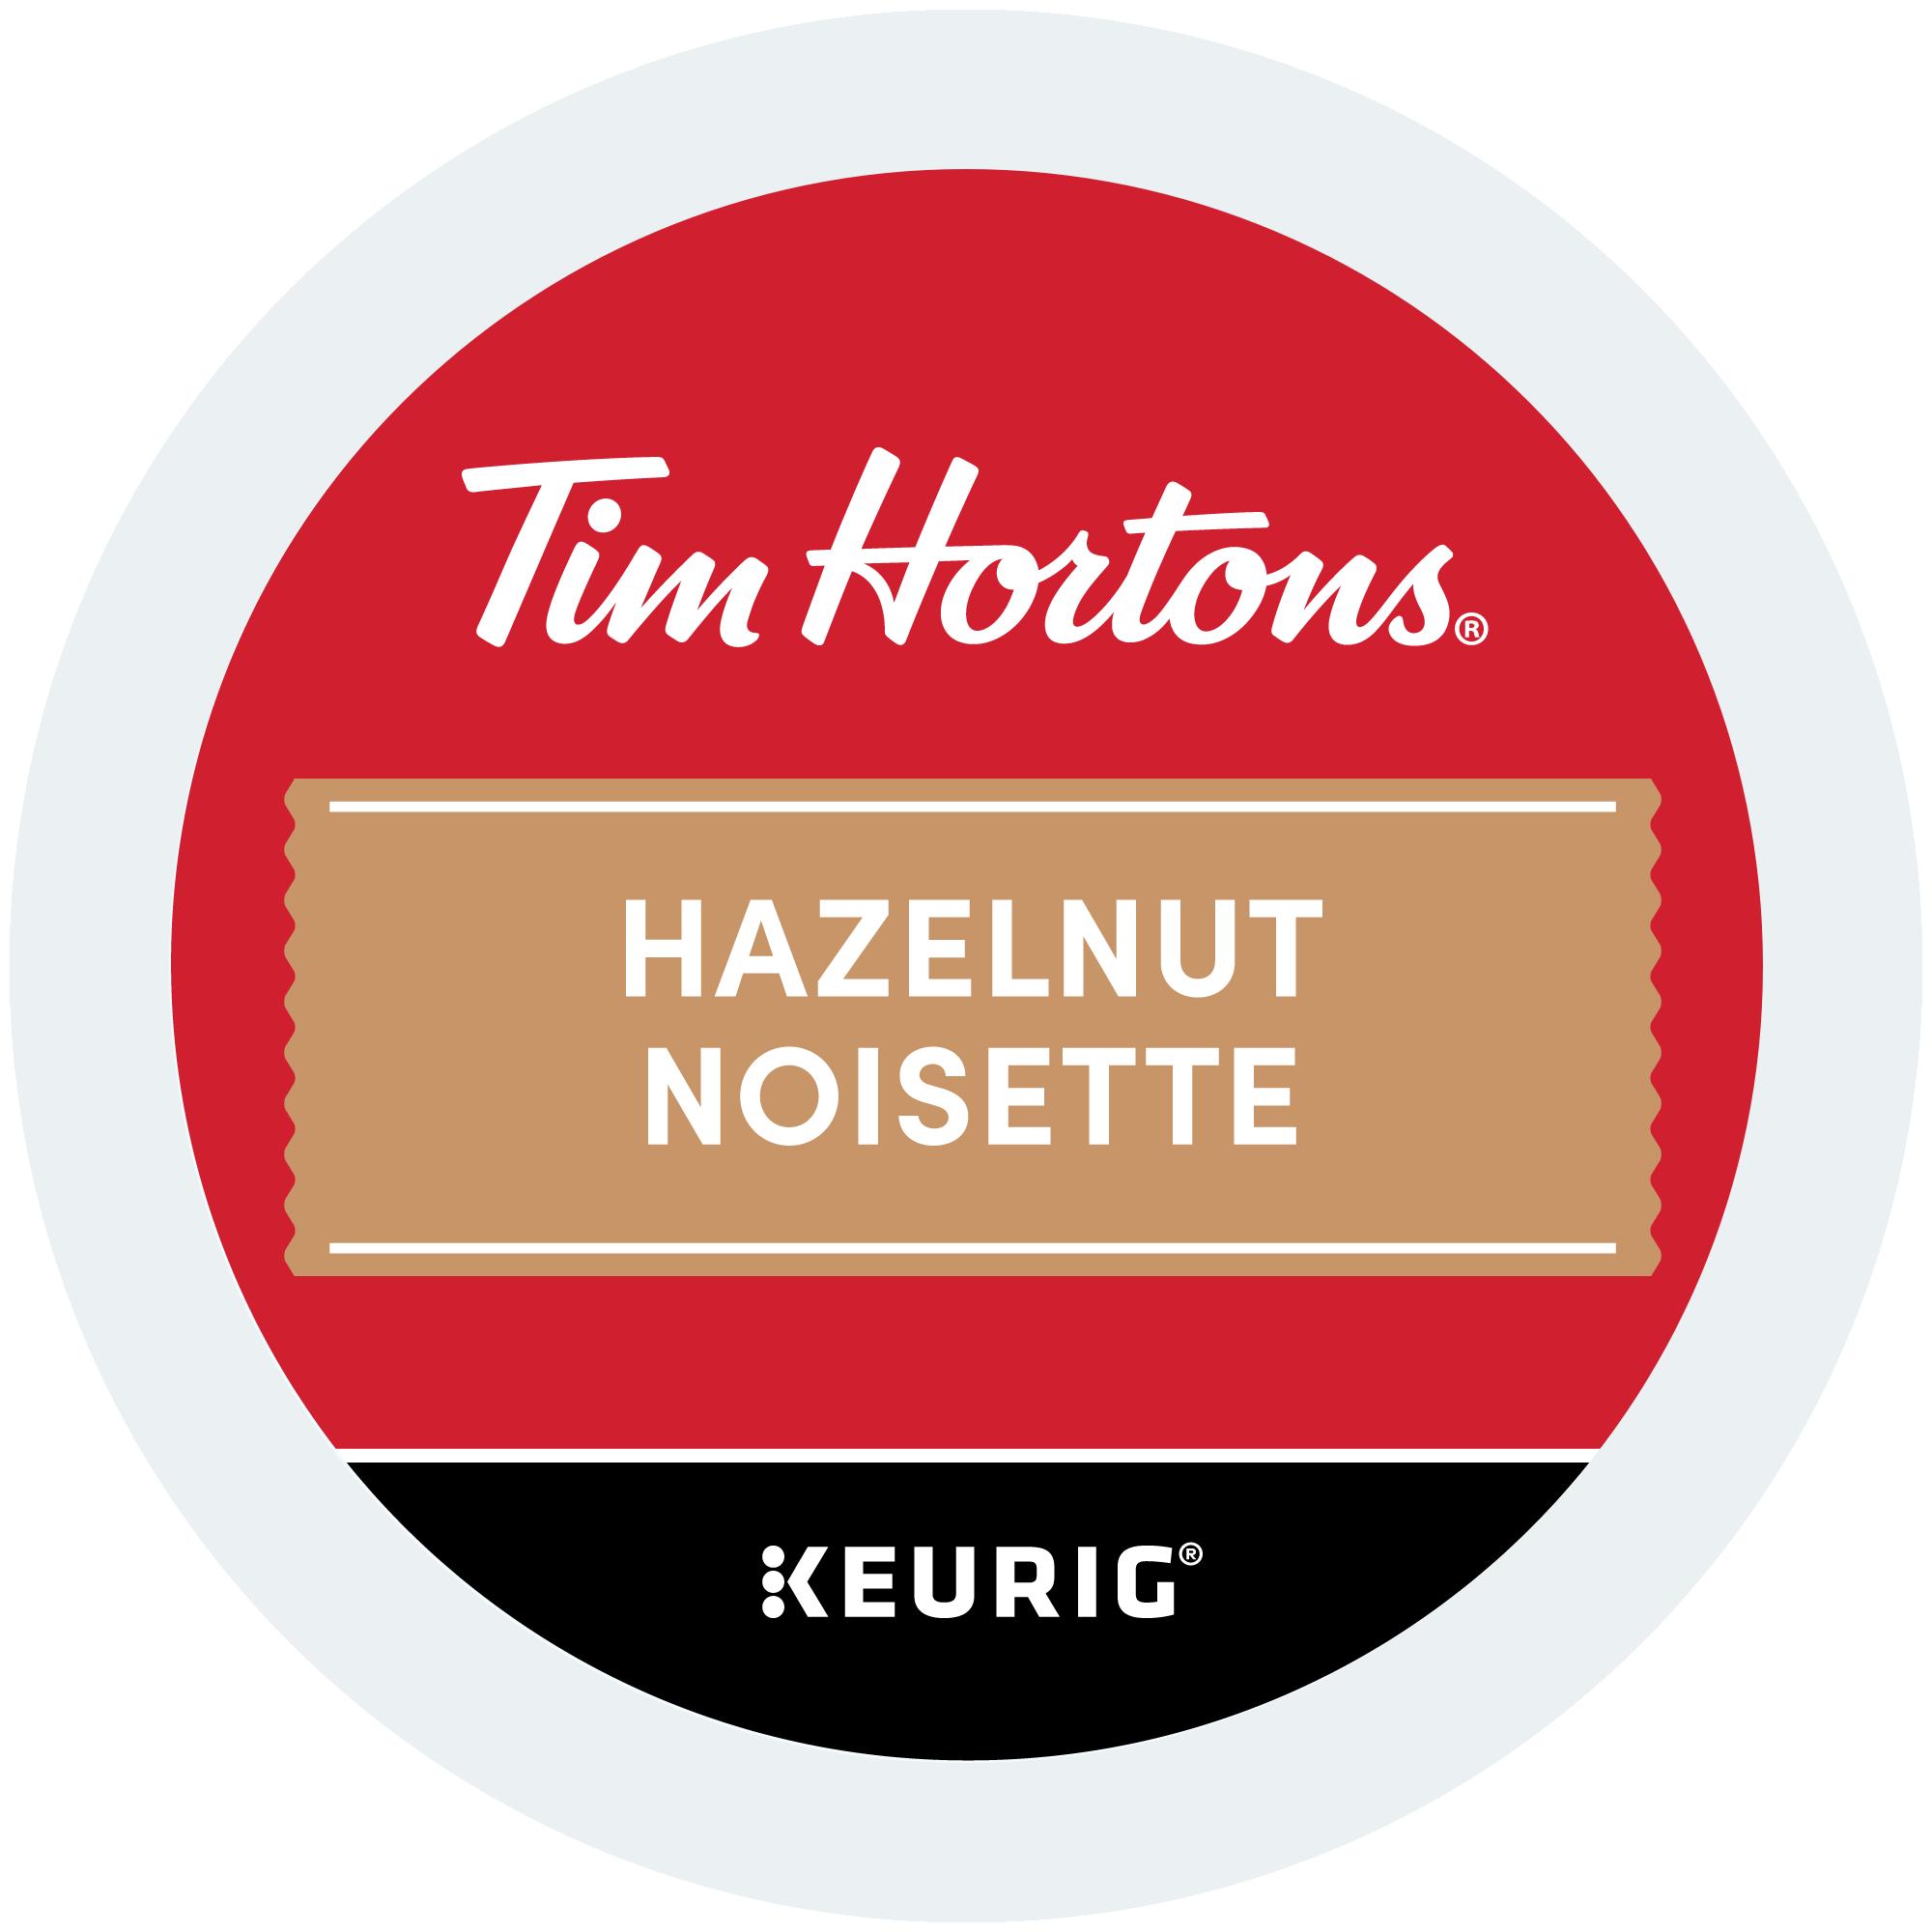 Tim Hortons® Hazelnut